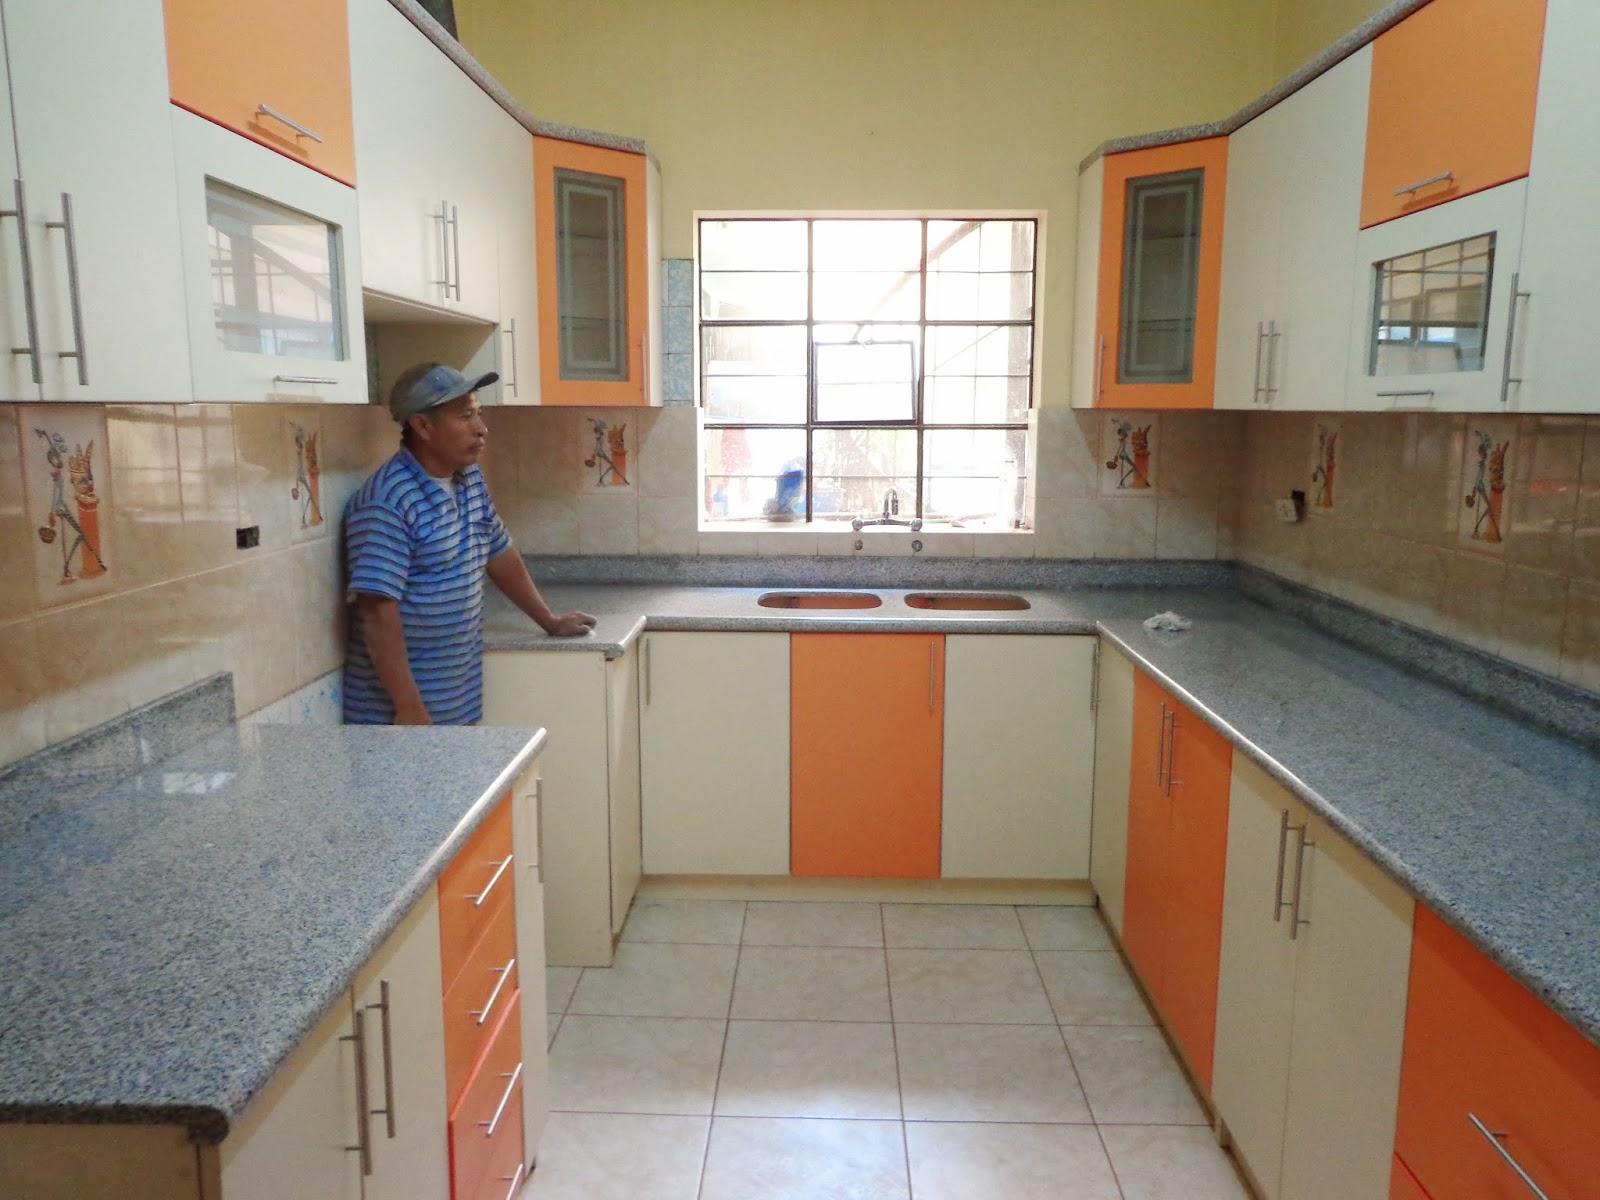 Encimeras de marmol para cocinas las cocinas realizadas for Encimeras de marmol